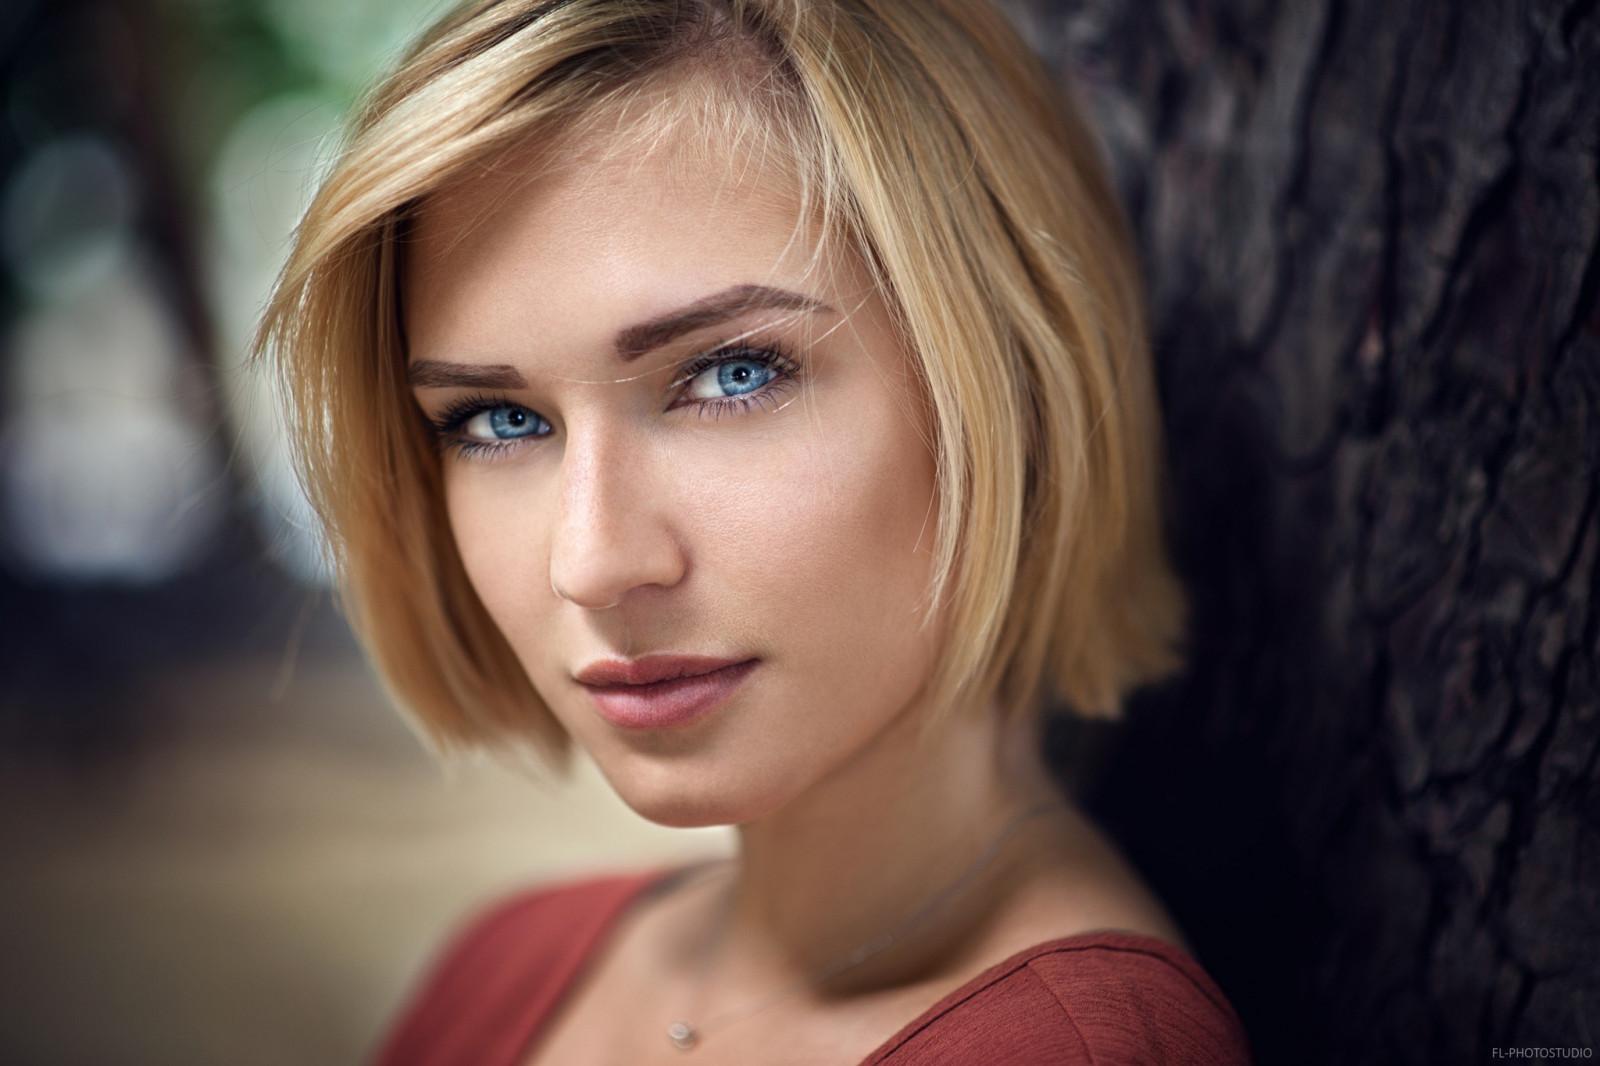 wallpaper face women model blonde depth of field